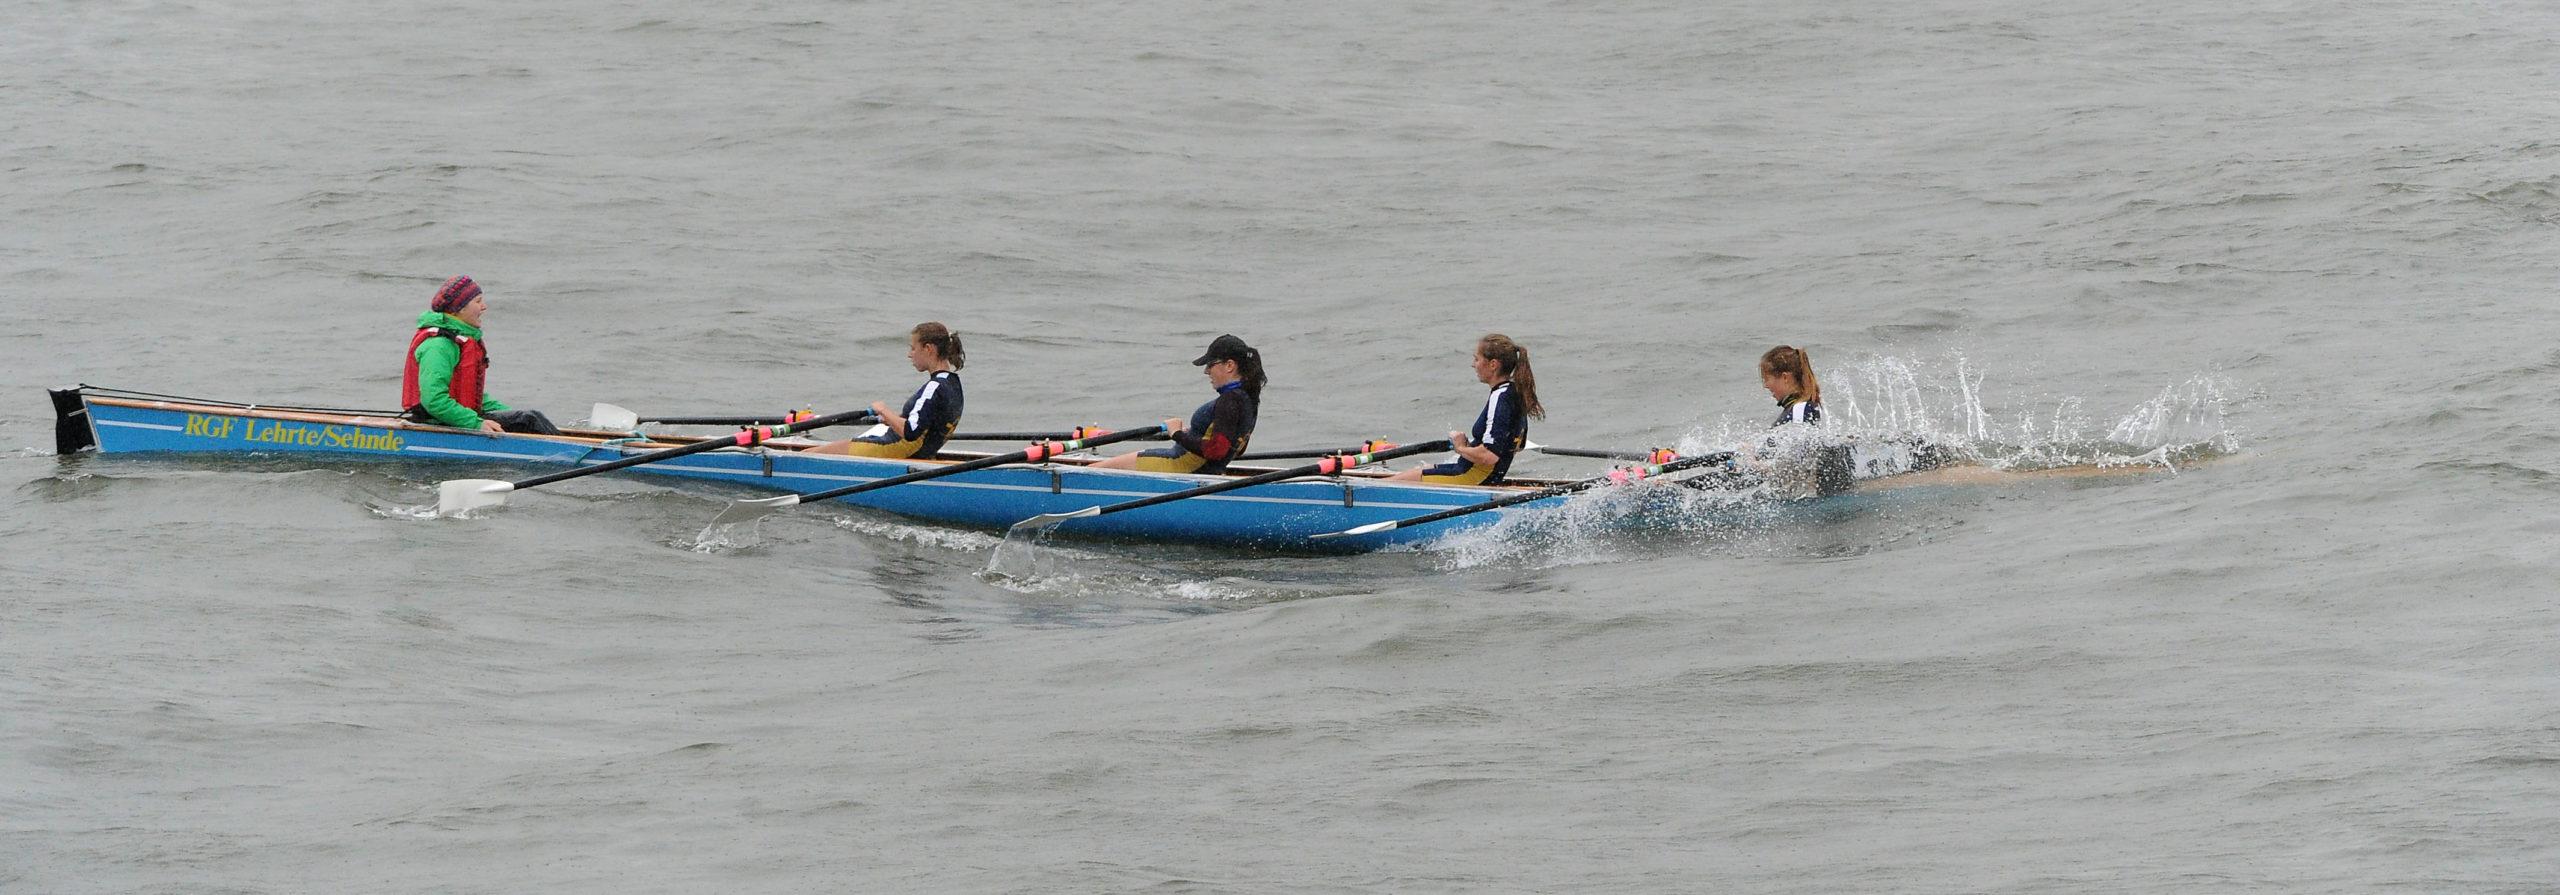 C-Vierer taucht auf dem Rhein in eine Welle ein